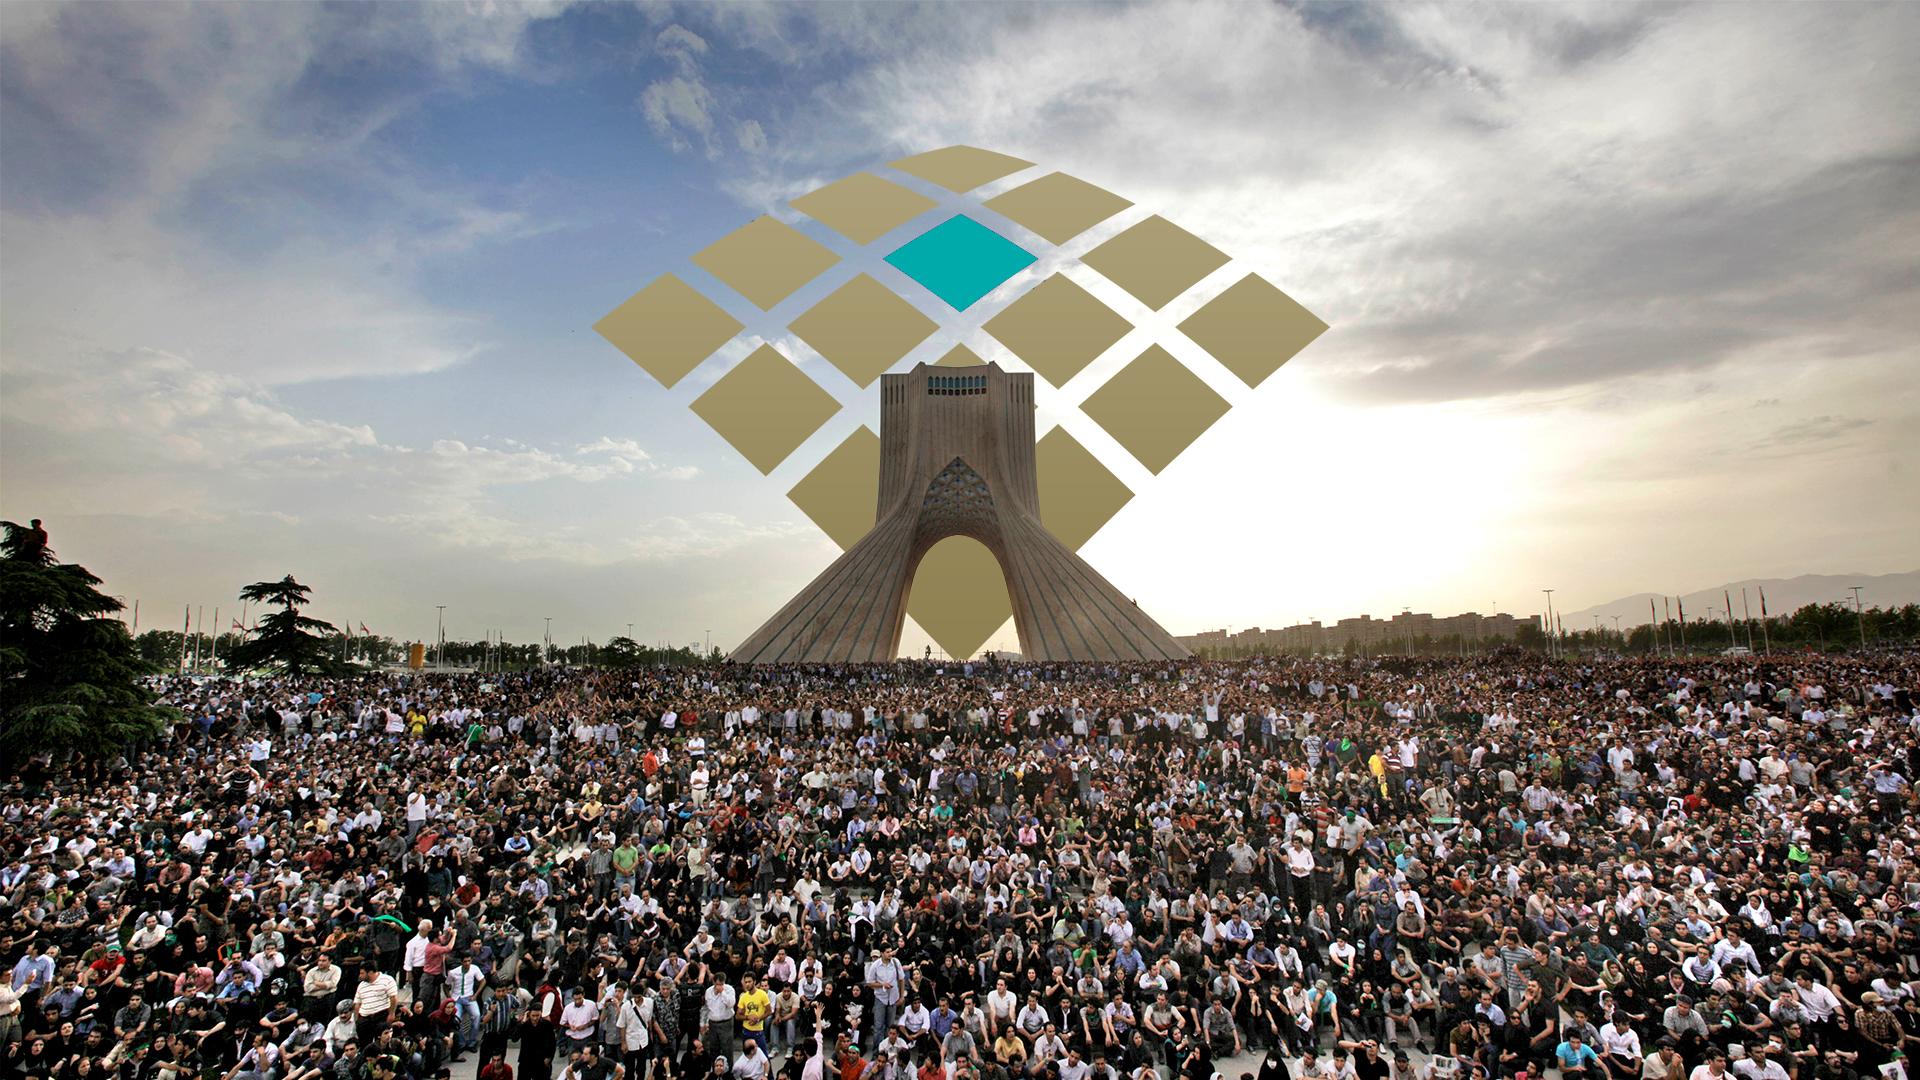 آغاز فعالیت رسمی شبکه تهران از اوایل دی ماه